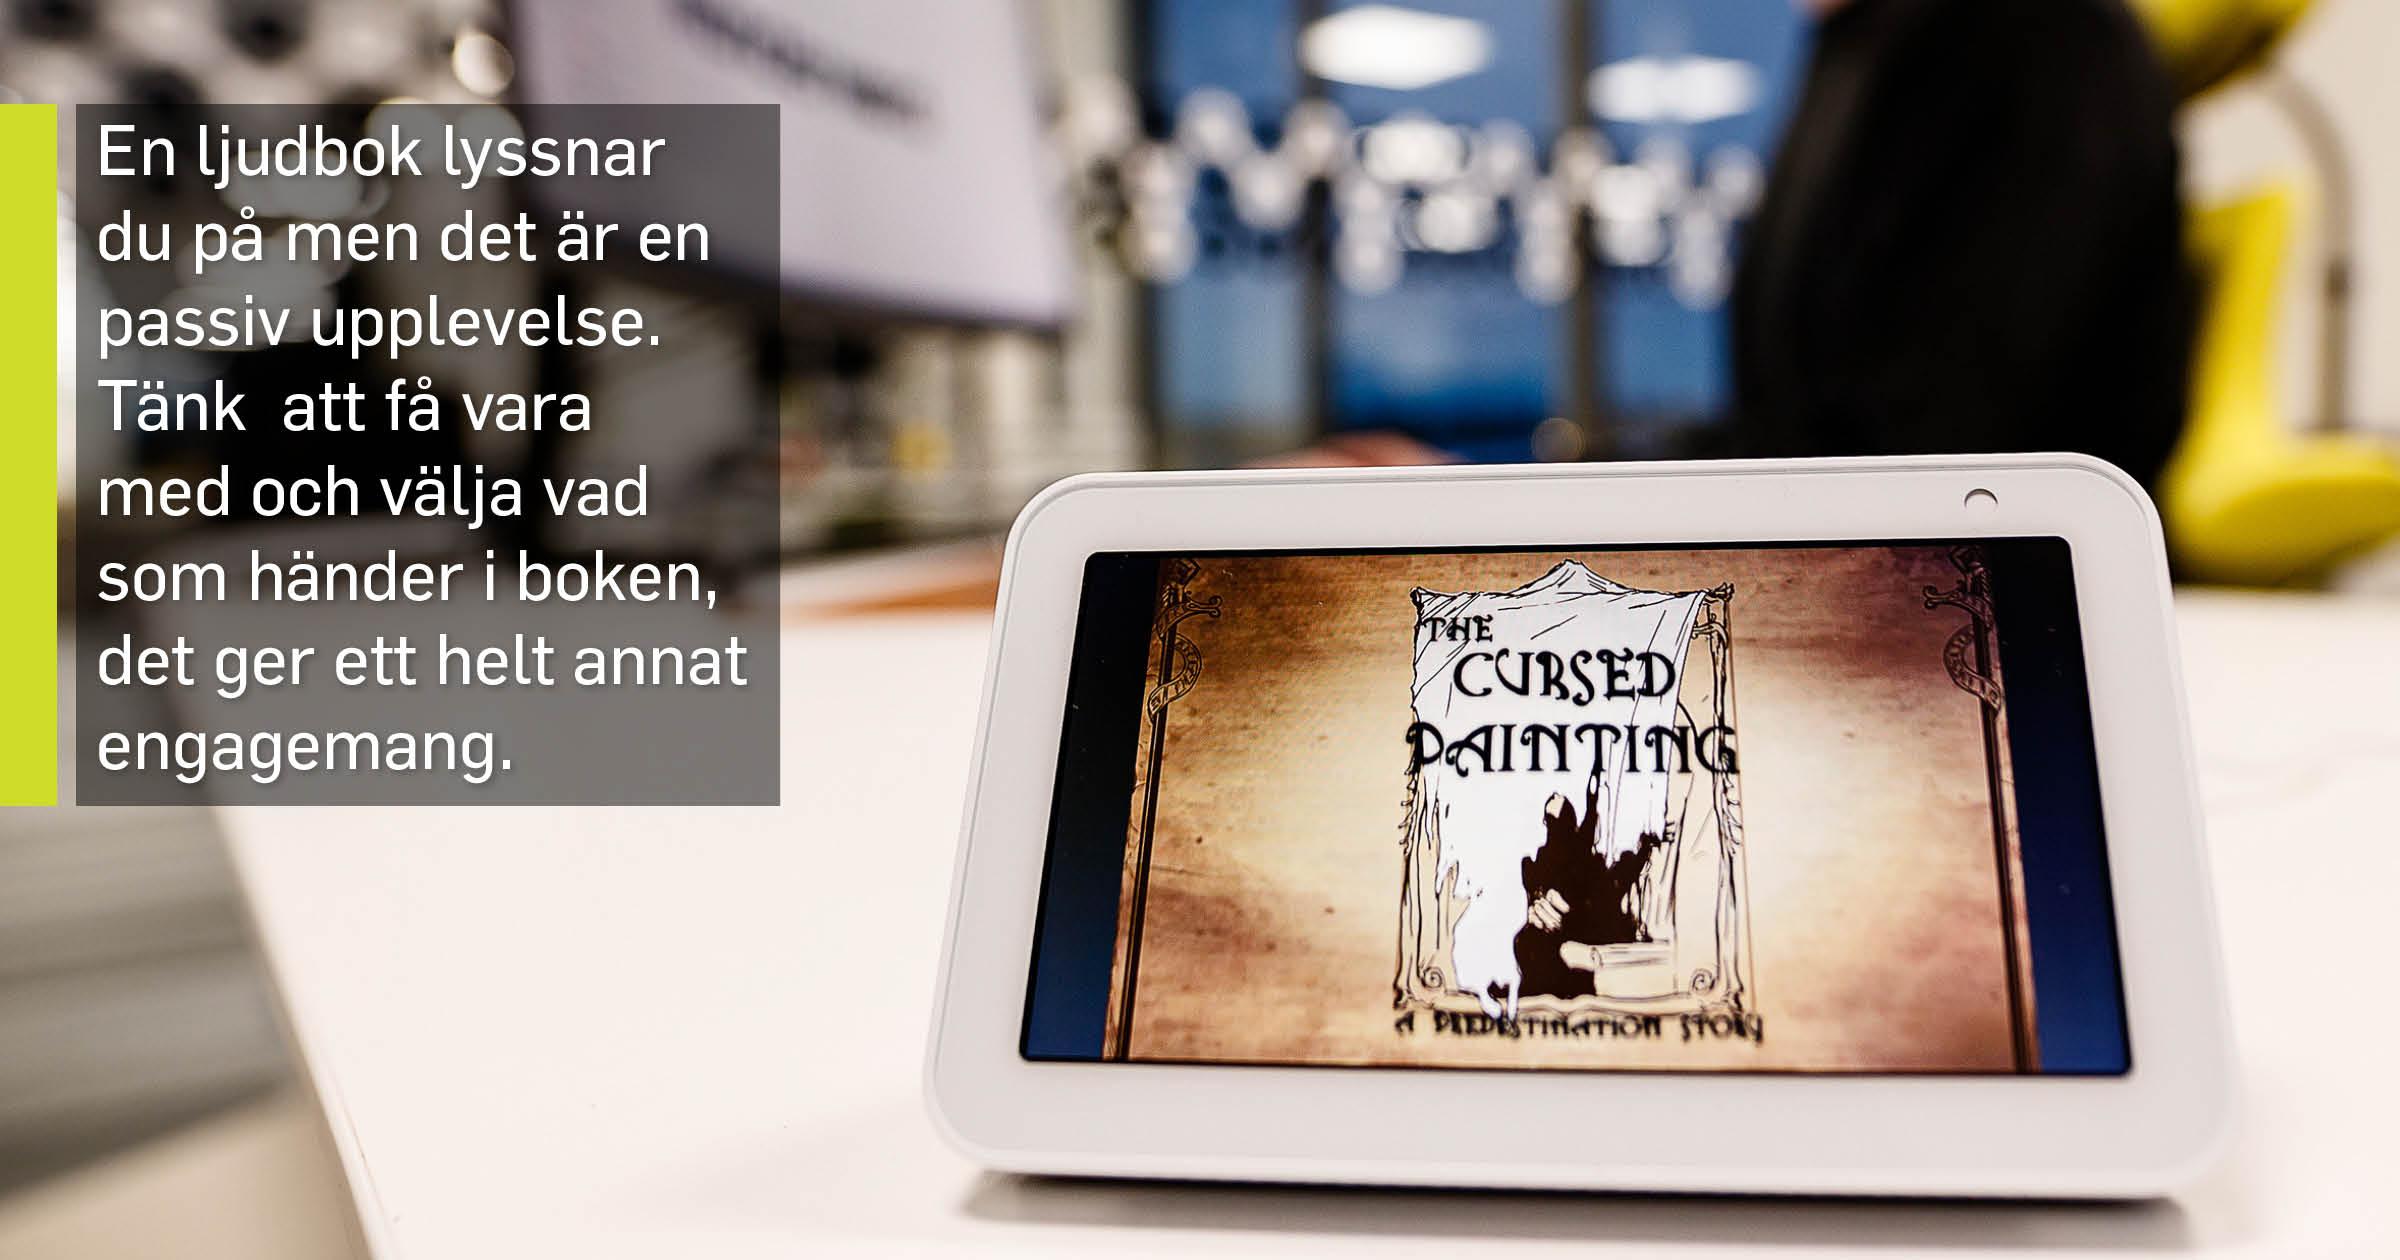 En surfplatta med en bild på en interaktiv bok.